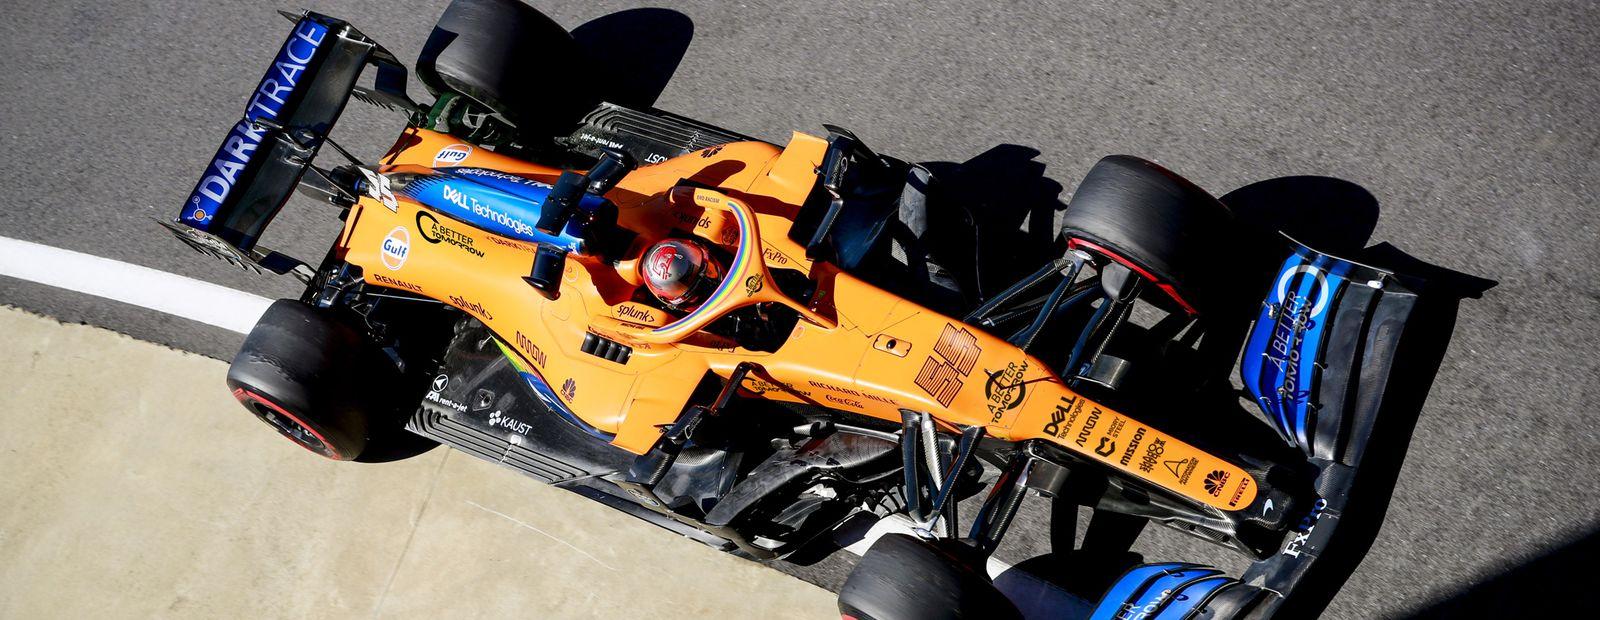 Завод в Миорах стал партнером команды Formula 1